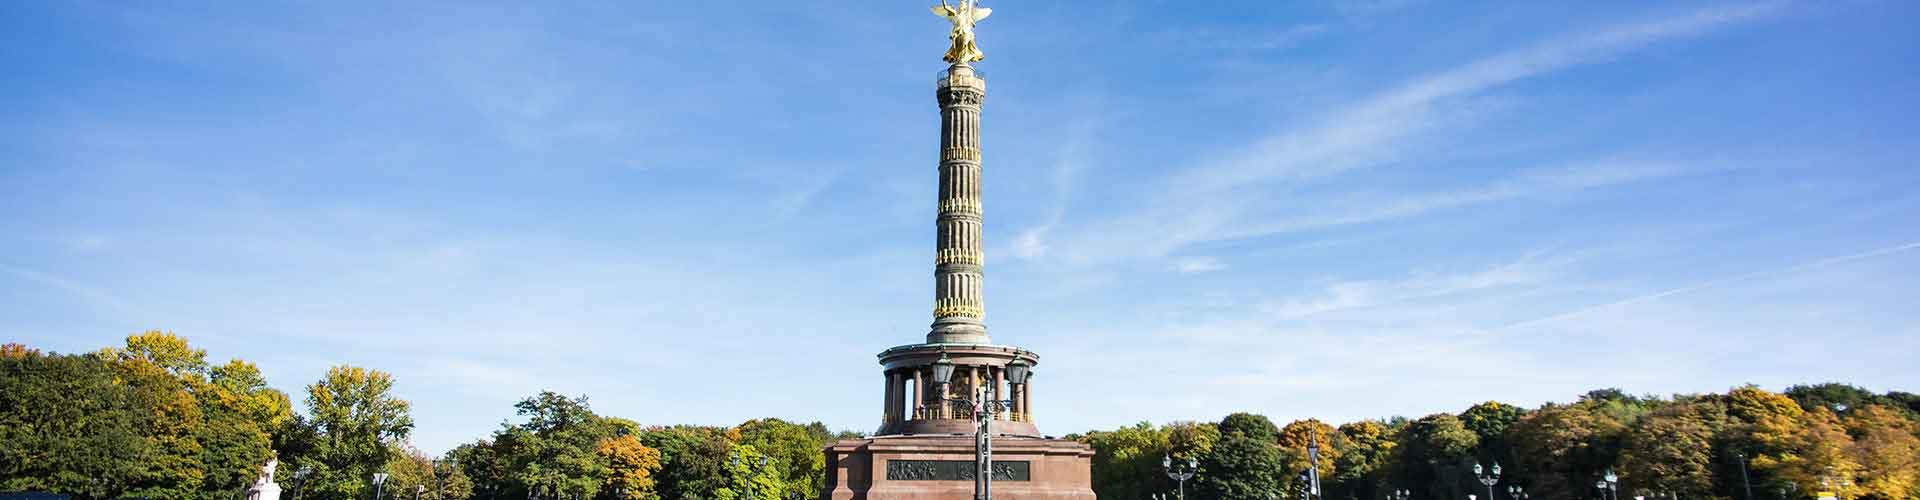 Berlin - Chambres près de Colonne de la Victoire à Berlin. Cartes pour Berlin, photos et commentaires pour chaque chambre à Berlin.